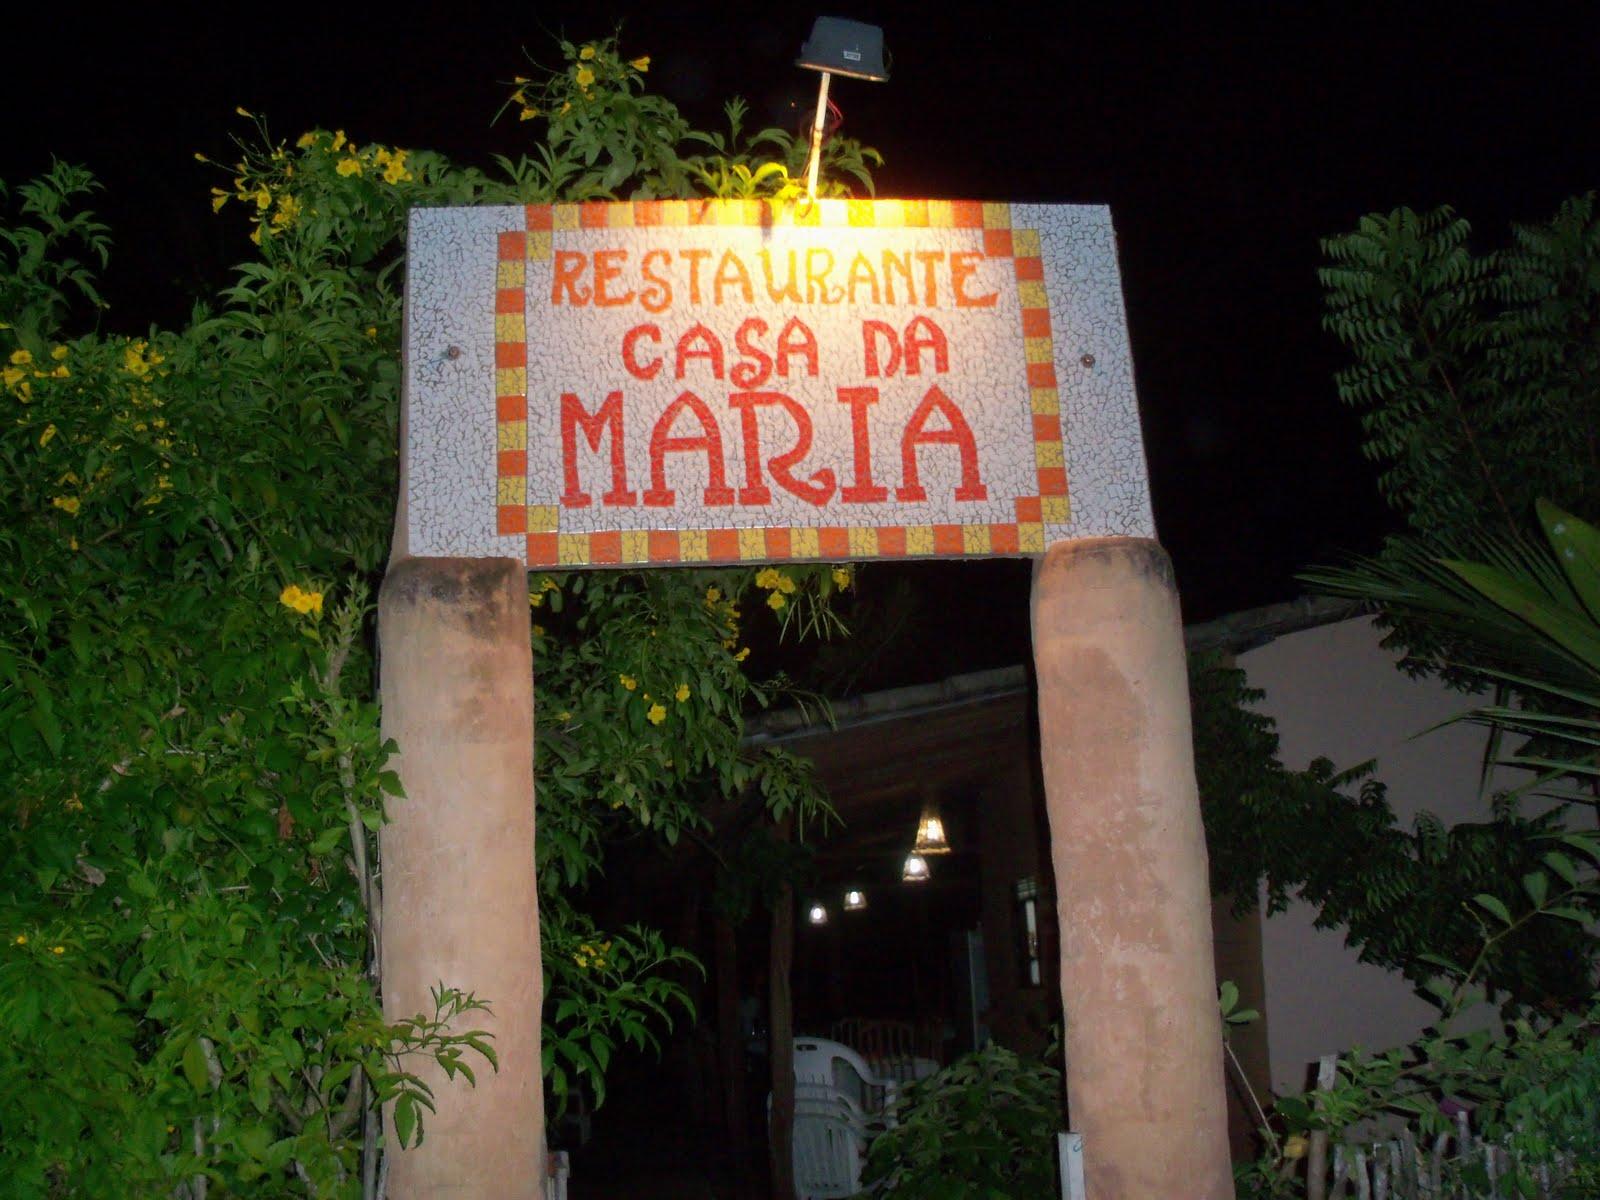 Anivers rio de cristina lira no restaurante casa da maria em barra do cunha litoral sul do rn - Restaurante casa maria ...